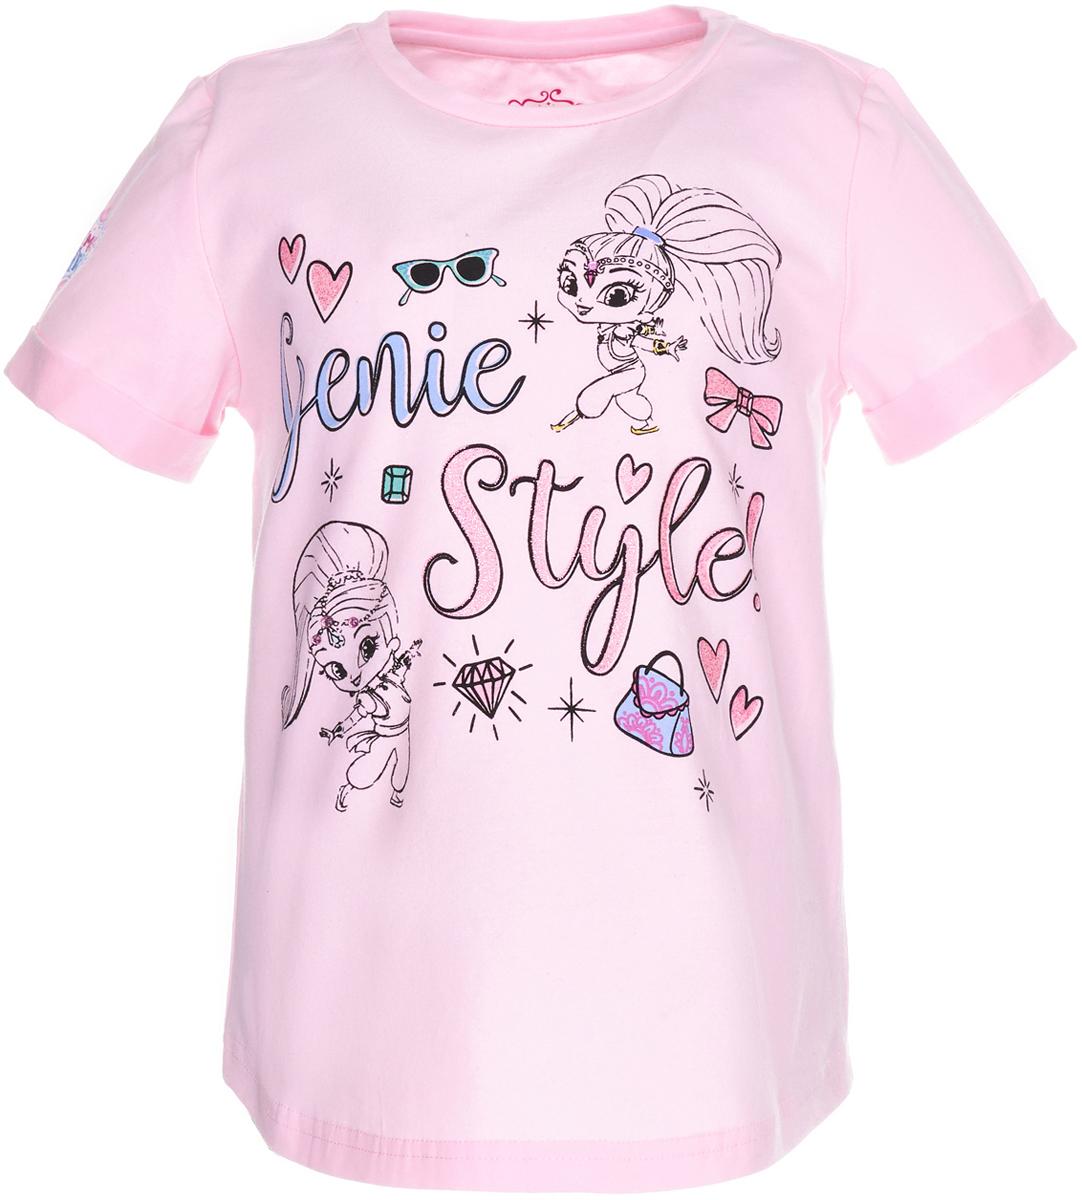 Футболка для девочки Button Blue Шиммер и Шайн, цвет: розовый. 118BBGL12011200. Размер 128118BBGL12011200Легкая трикотажная футболка с изображением любимой героини - лучшая летняя одежда! Модель от Button Blue посвящена мультсериалу Шиммер и Шайн, рассказывающем о волшебных приключениях двух близняшек-джиннов. Рисунок на футболке выполнен в приятной акварельной стилистике, создающей необычный и интересный эффект.Футболка с коротким рукавом и удлиненной спинкой выполнена из эластичного хлопка и имеет классический силуэт.